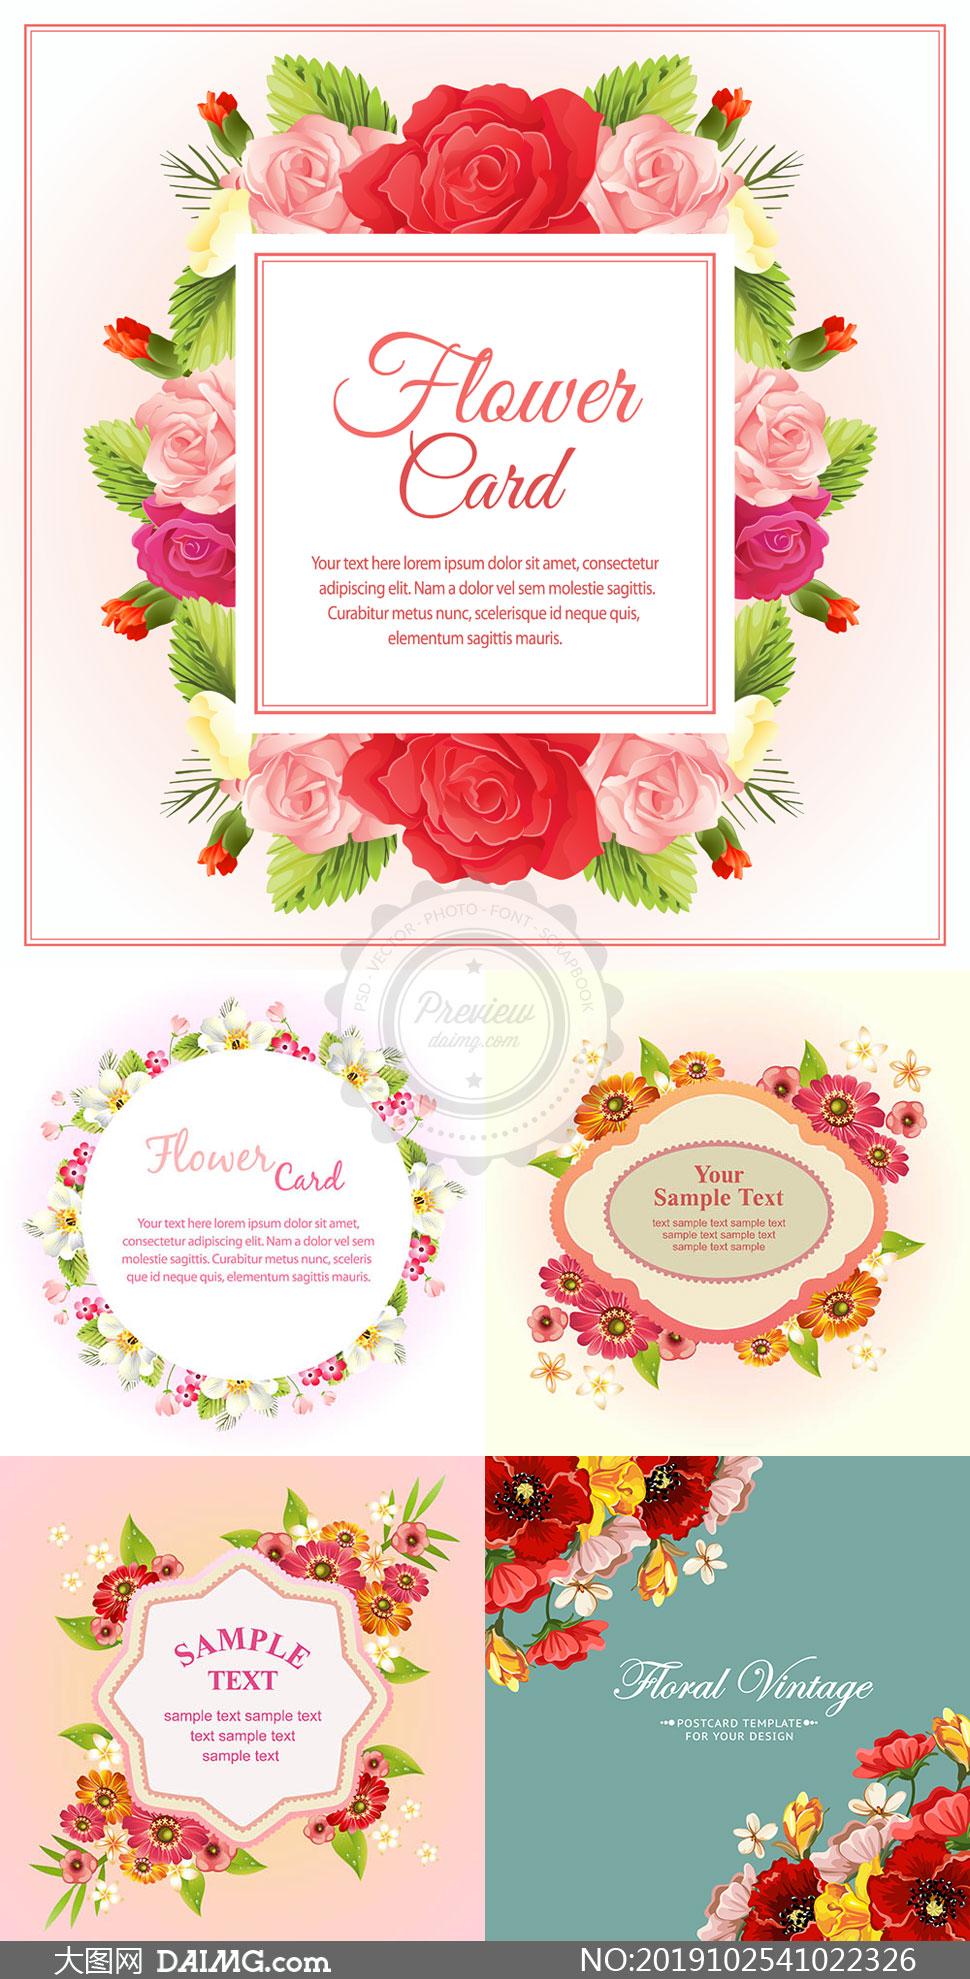 质感花朵元素装饰创意边框矢量素材